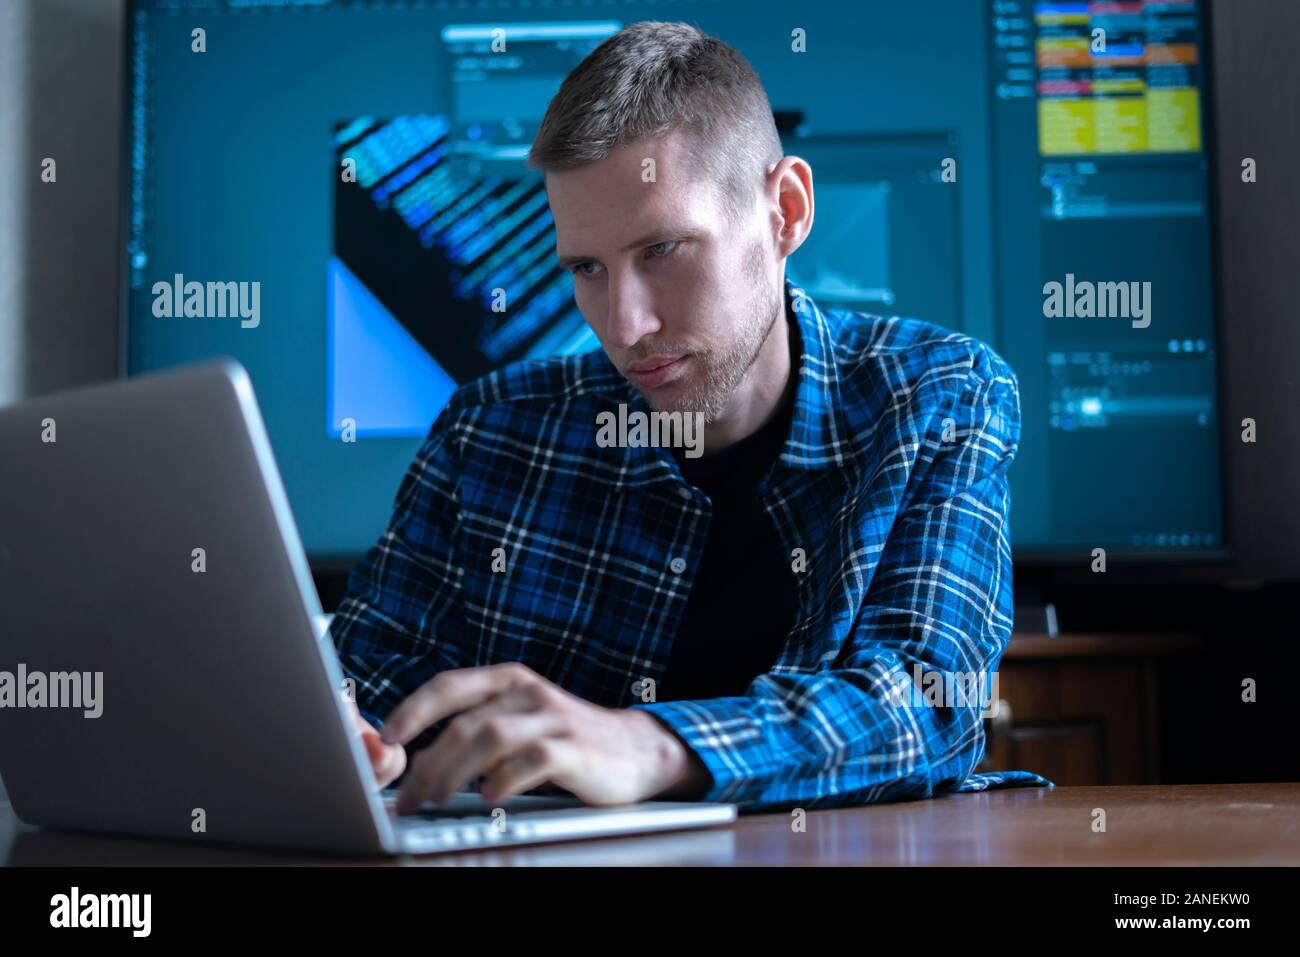 El fotógrafo masculinos sentados en la mesa trabajando en equipo, mediante la aplicación de software Foto de stock